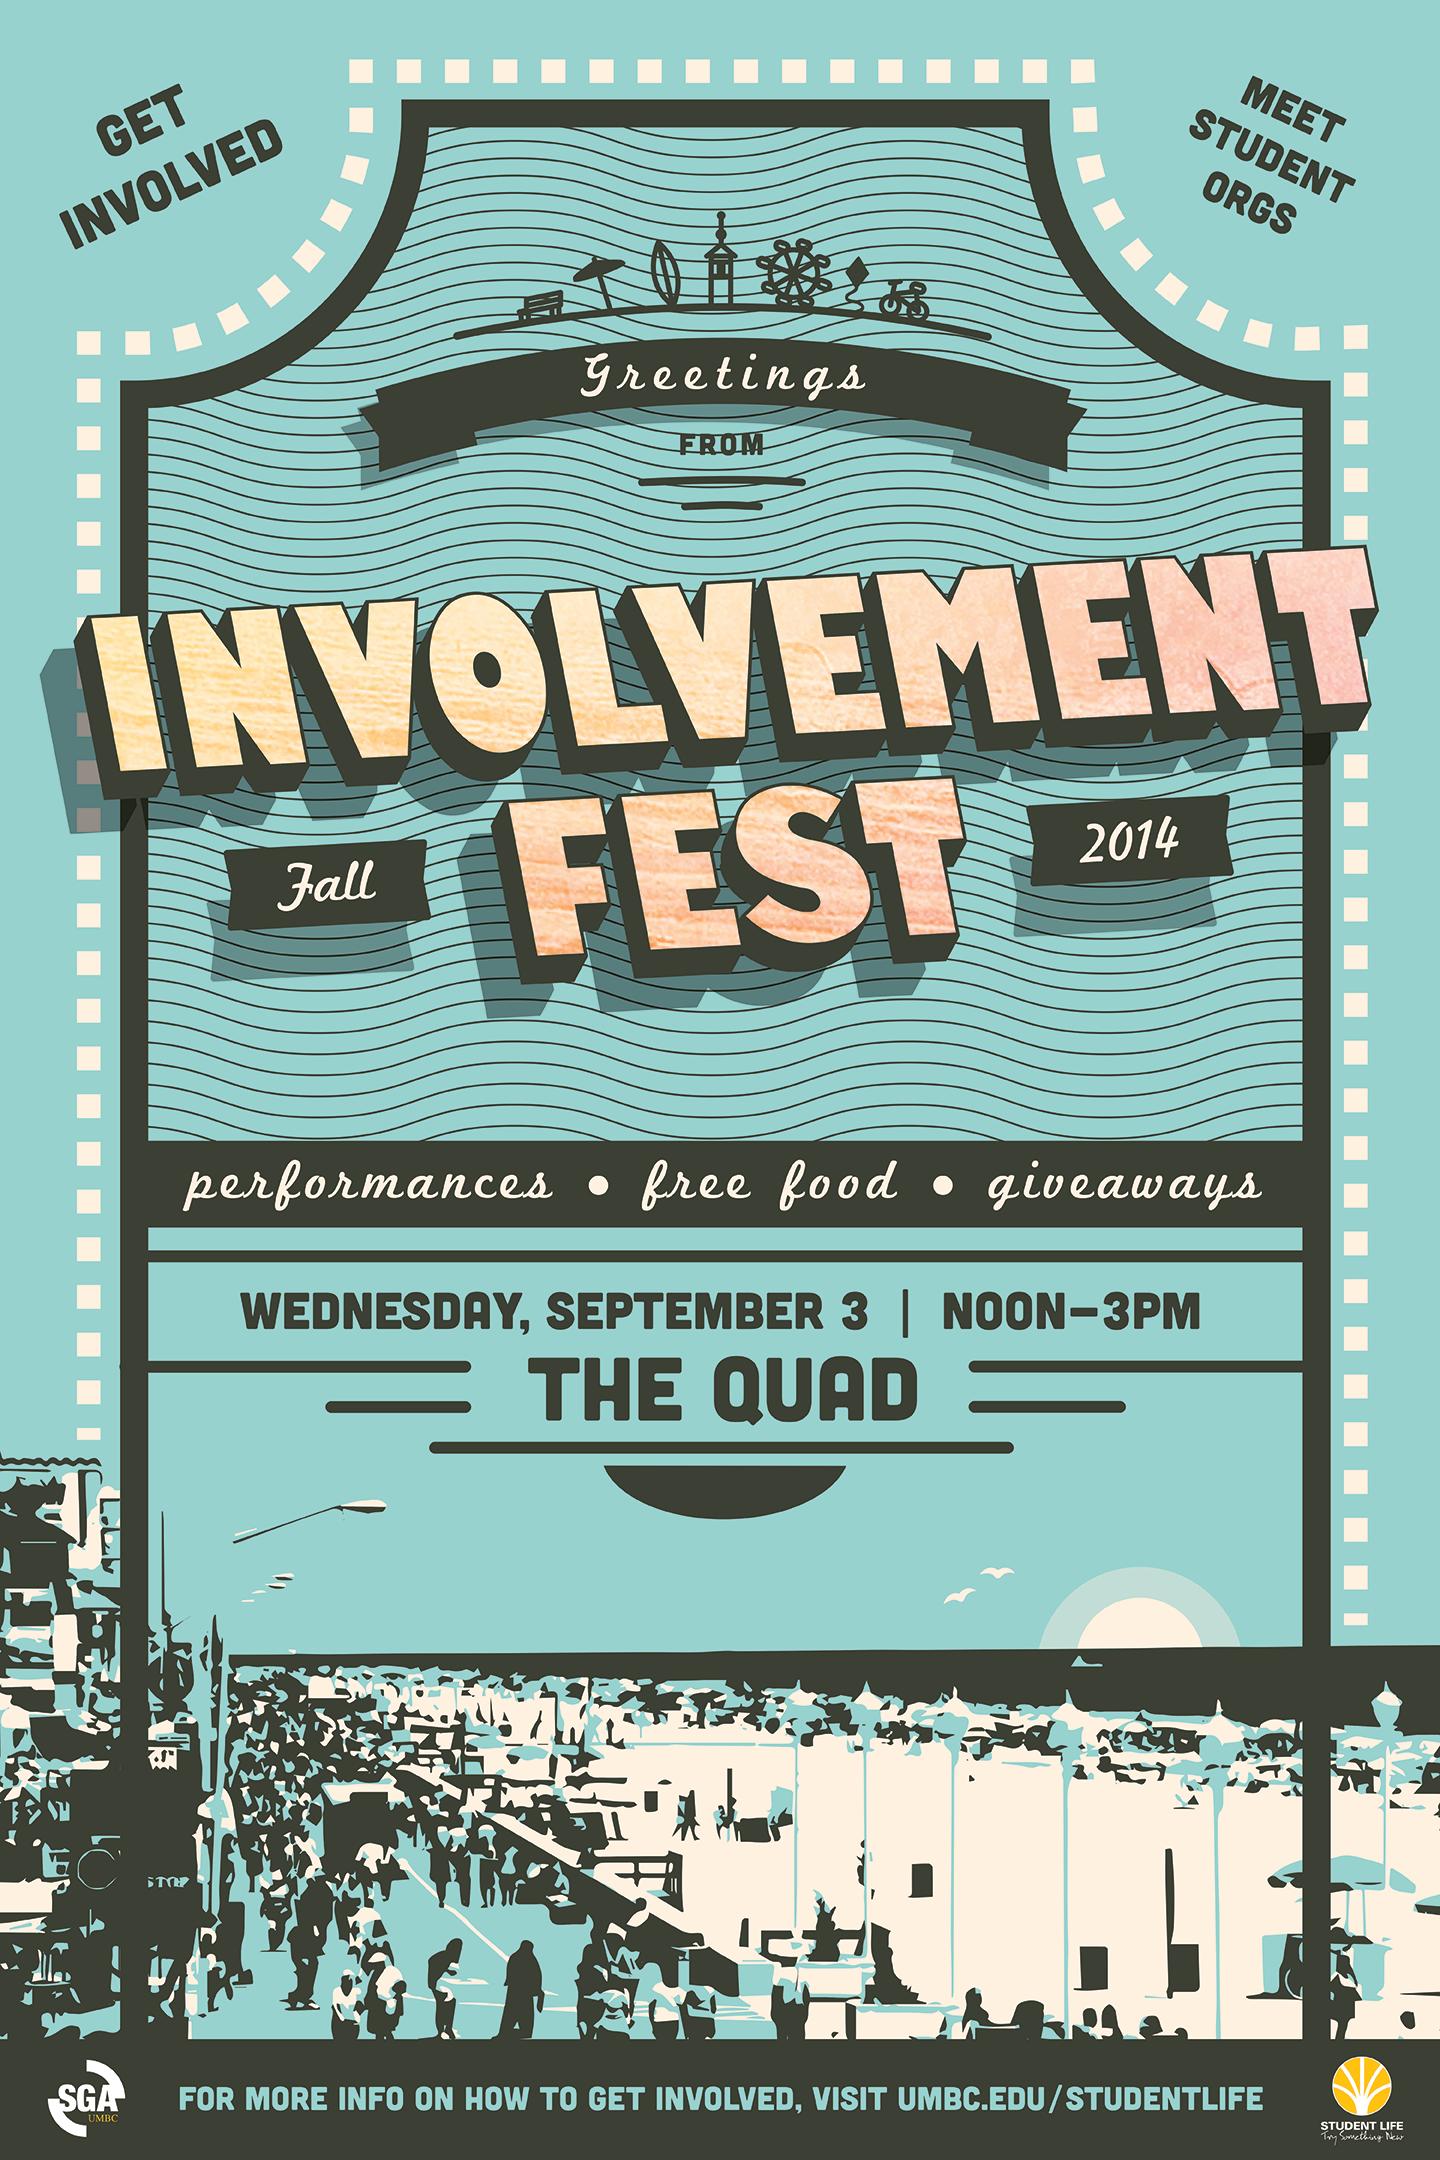 involvementfest_indoor_r1.png